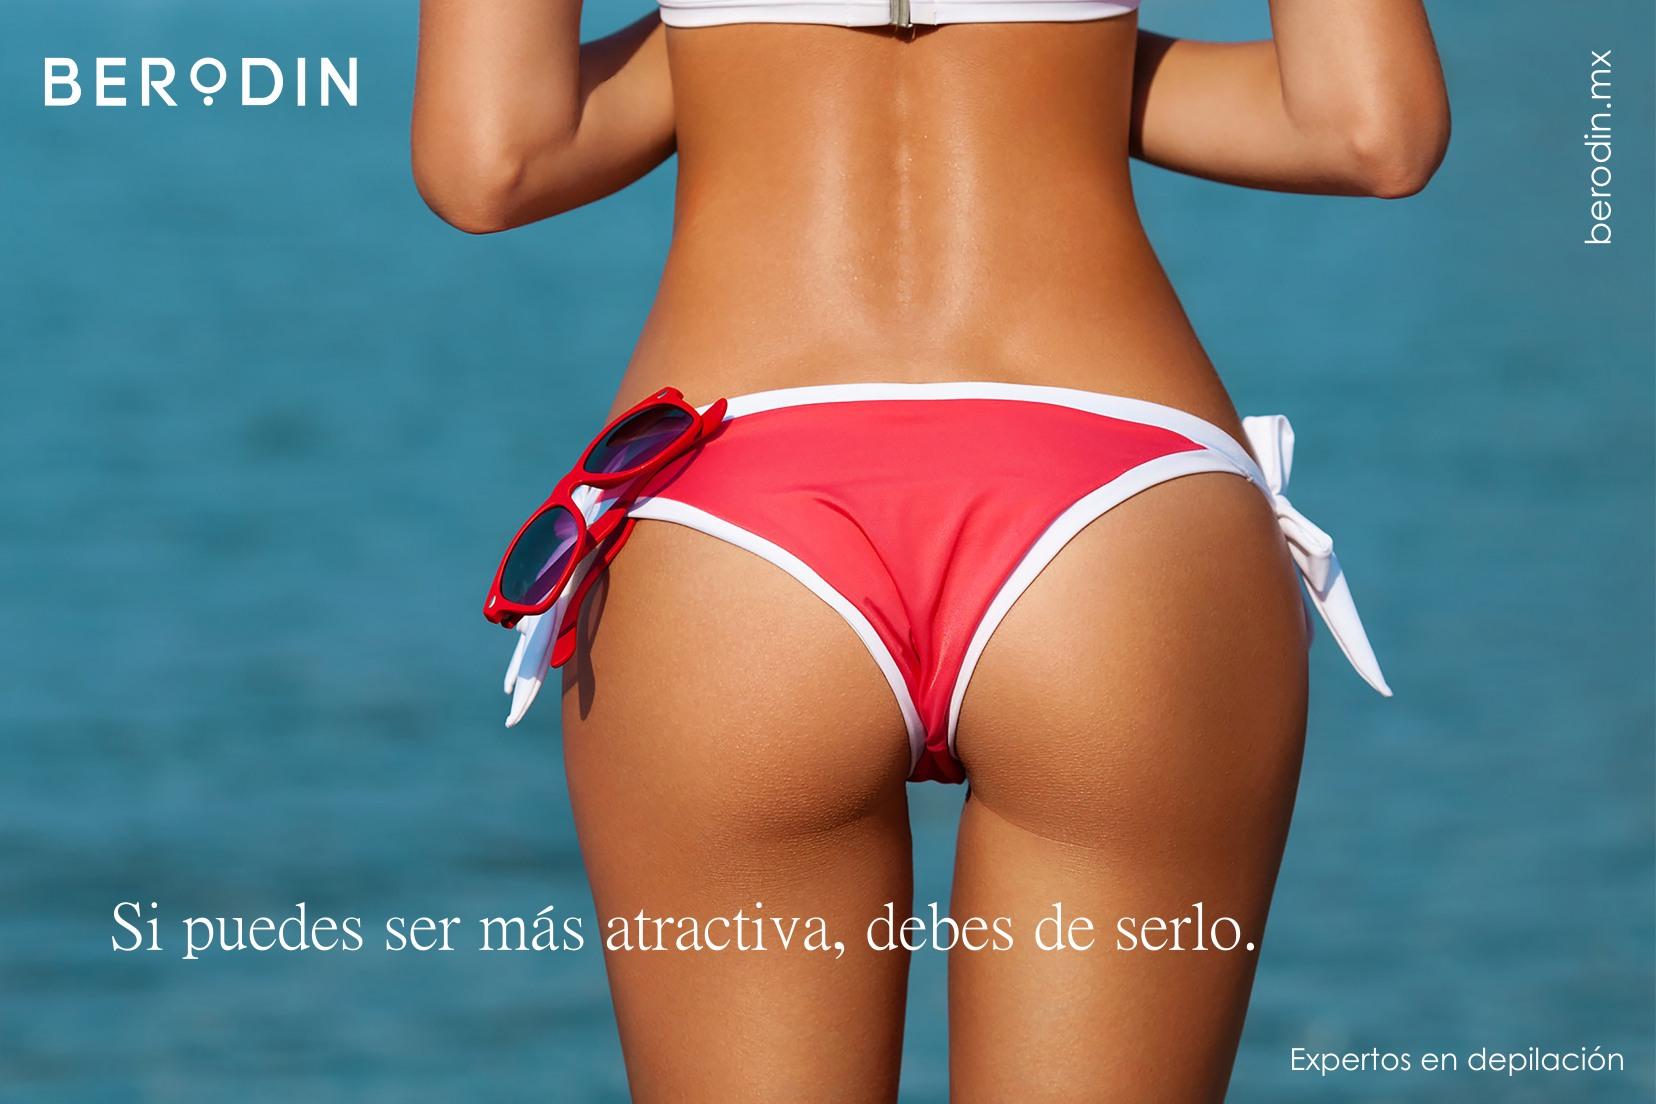 berodin-depilacion-intima_op